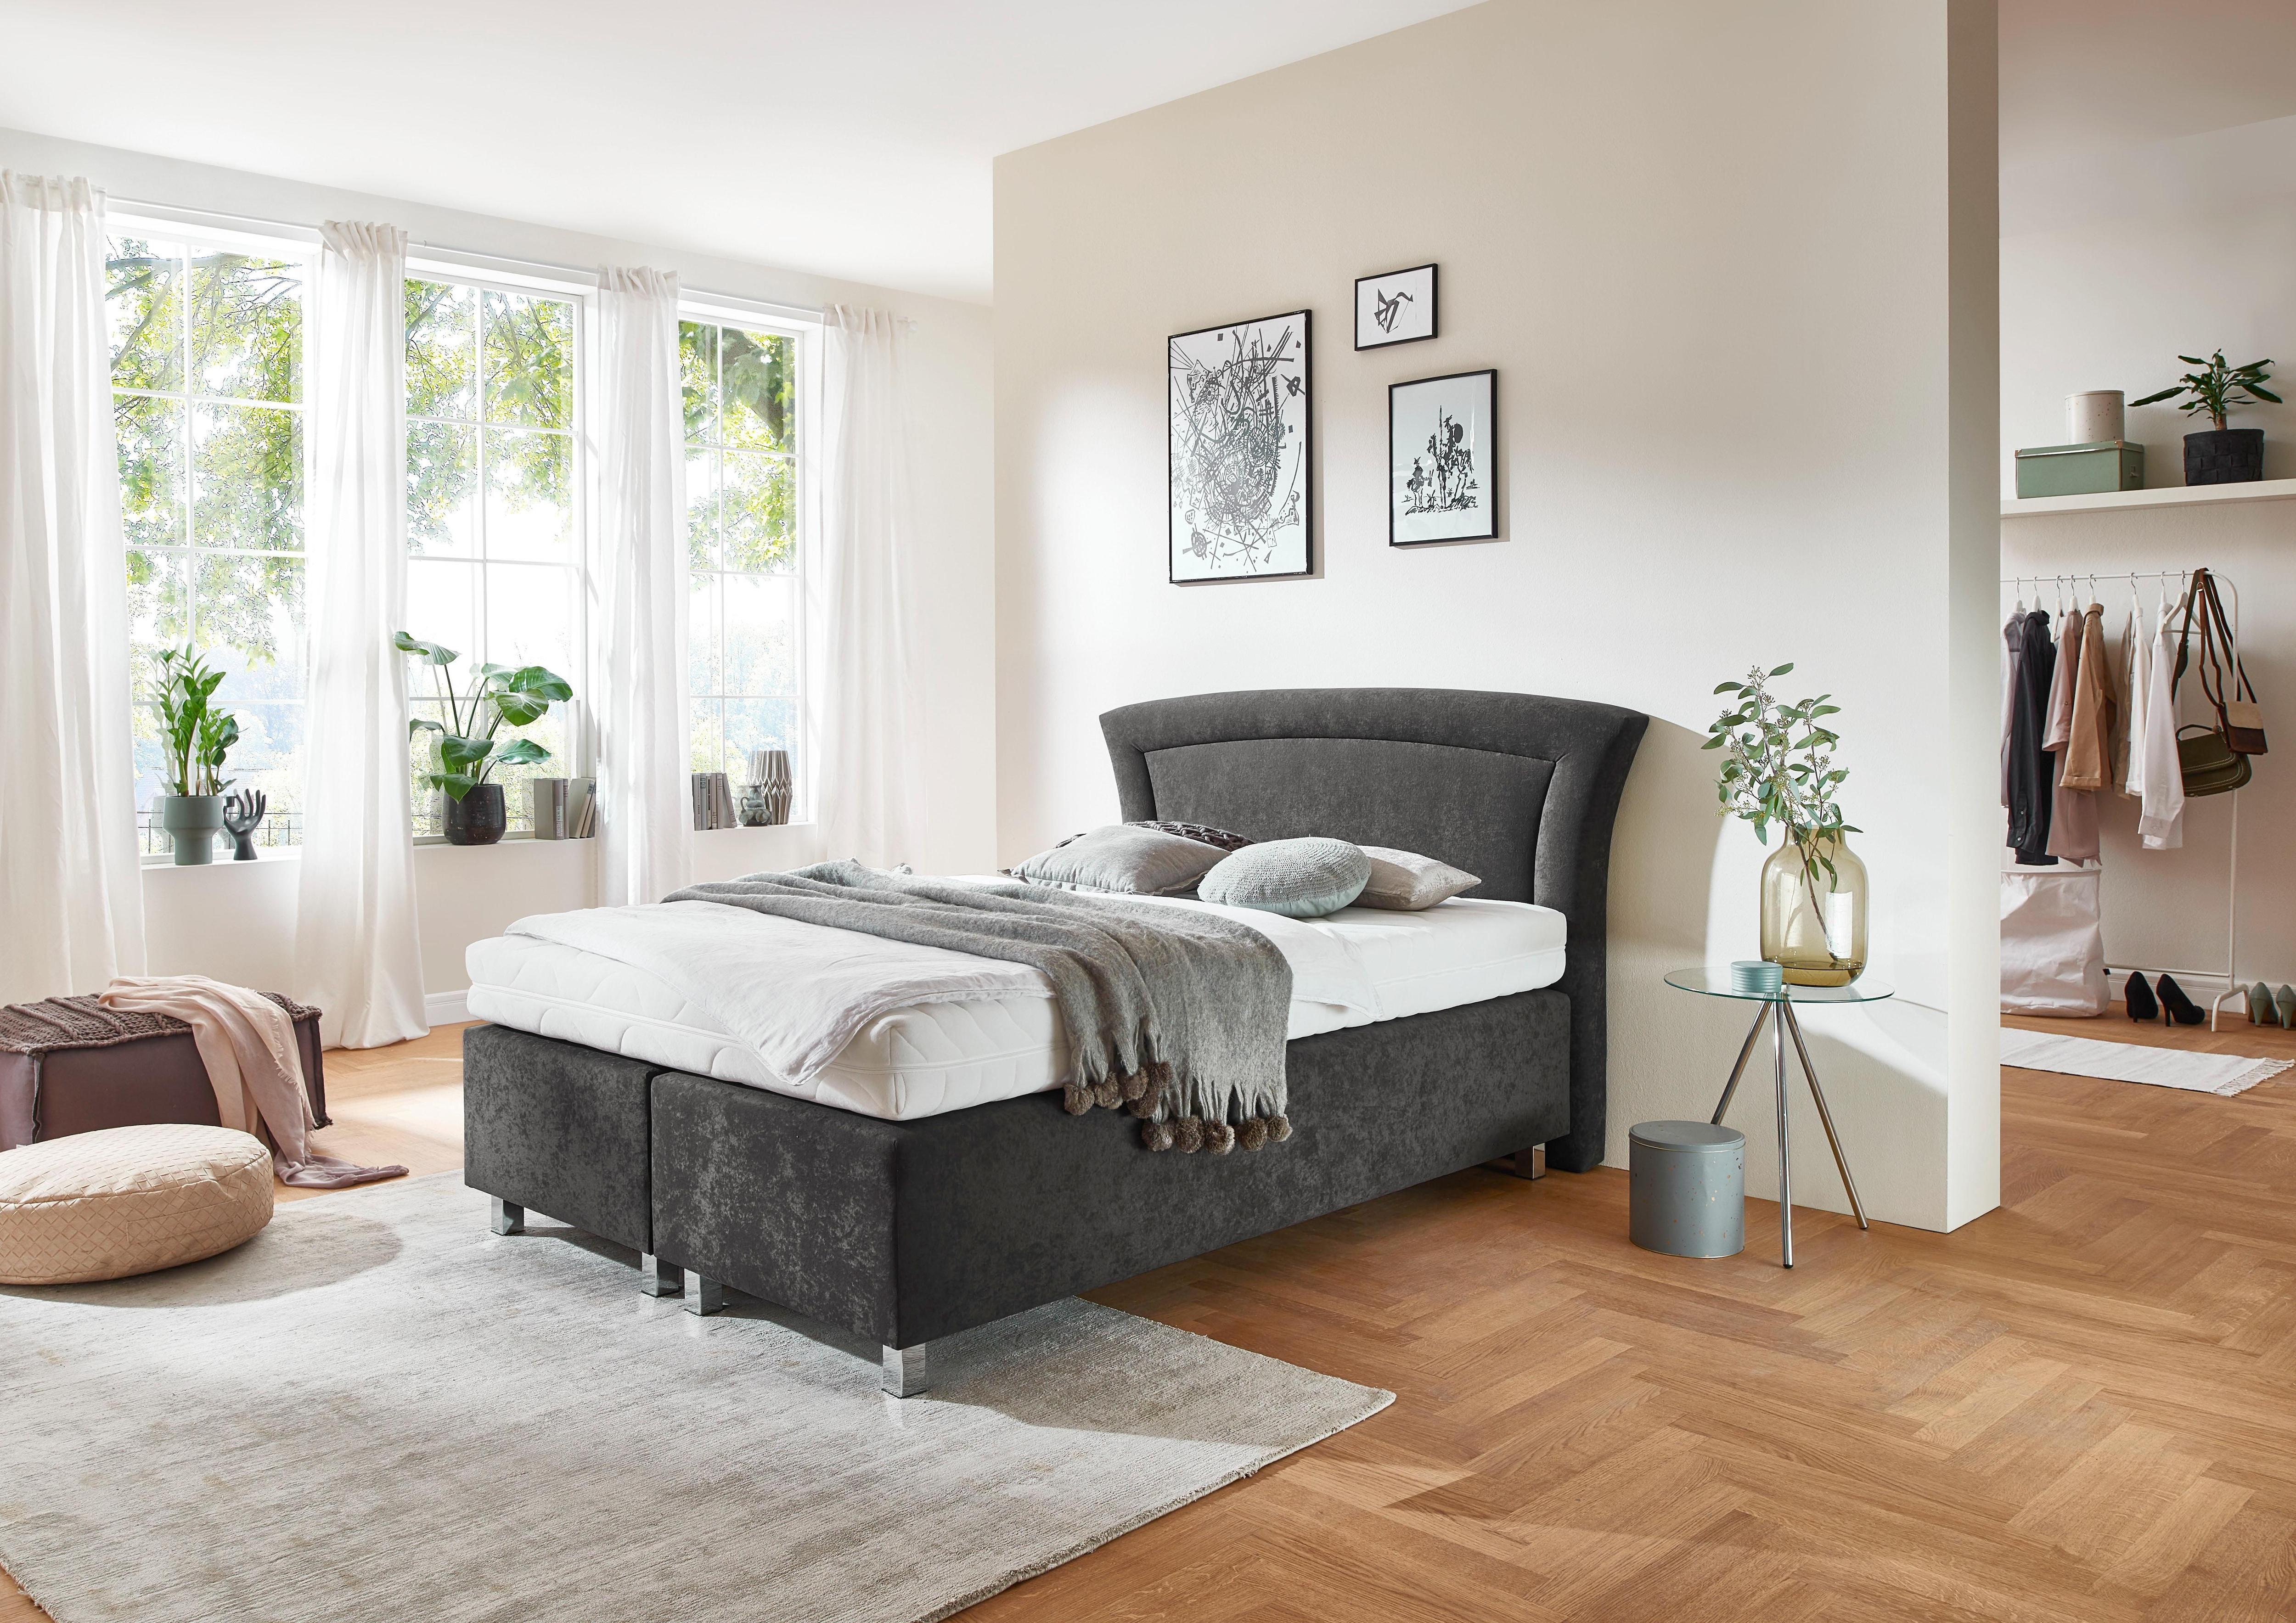 Westfalia Schlafkomfort Boxspringbett, in diversen Ausführungen günstig online kaufen